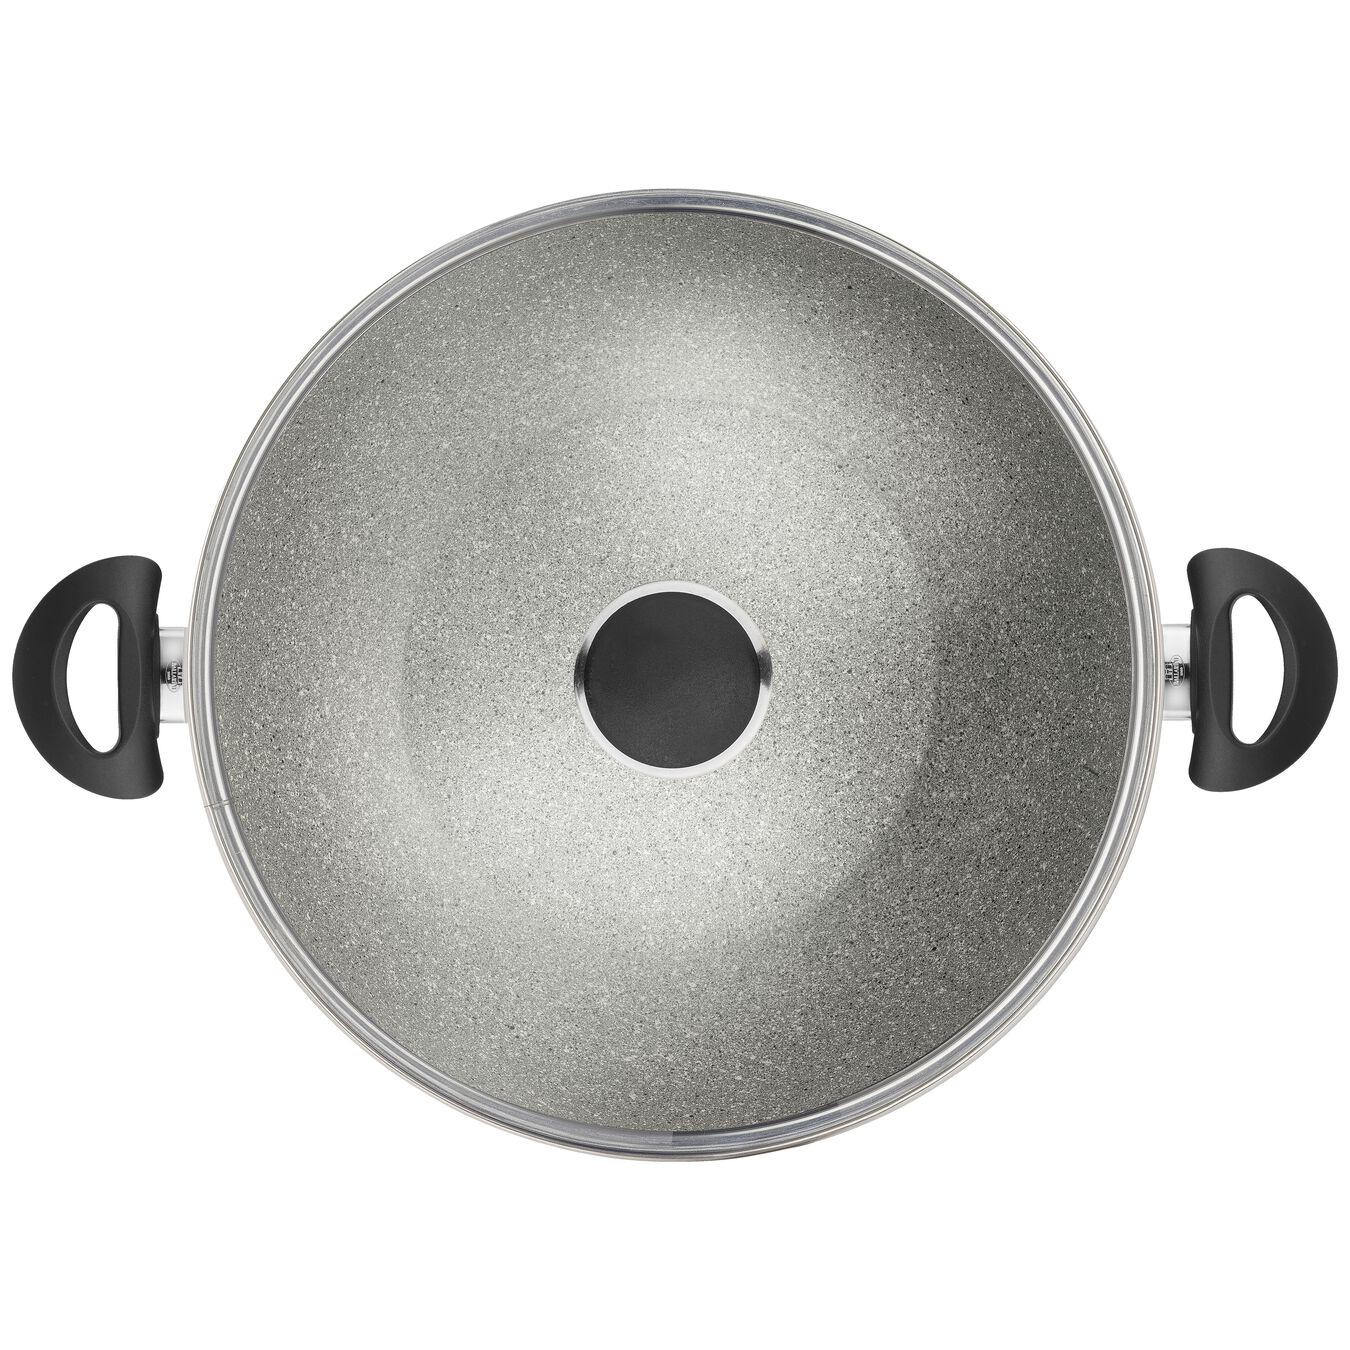 36 cm Aluminum Wok,,large 3